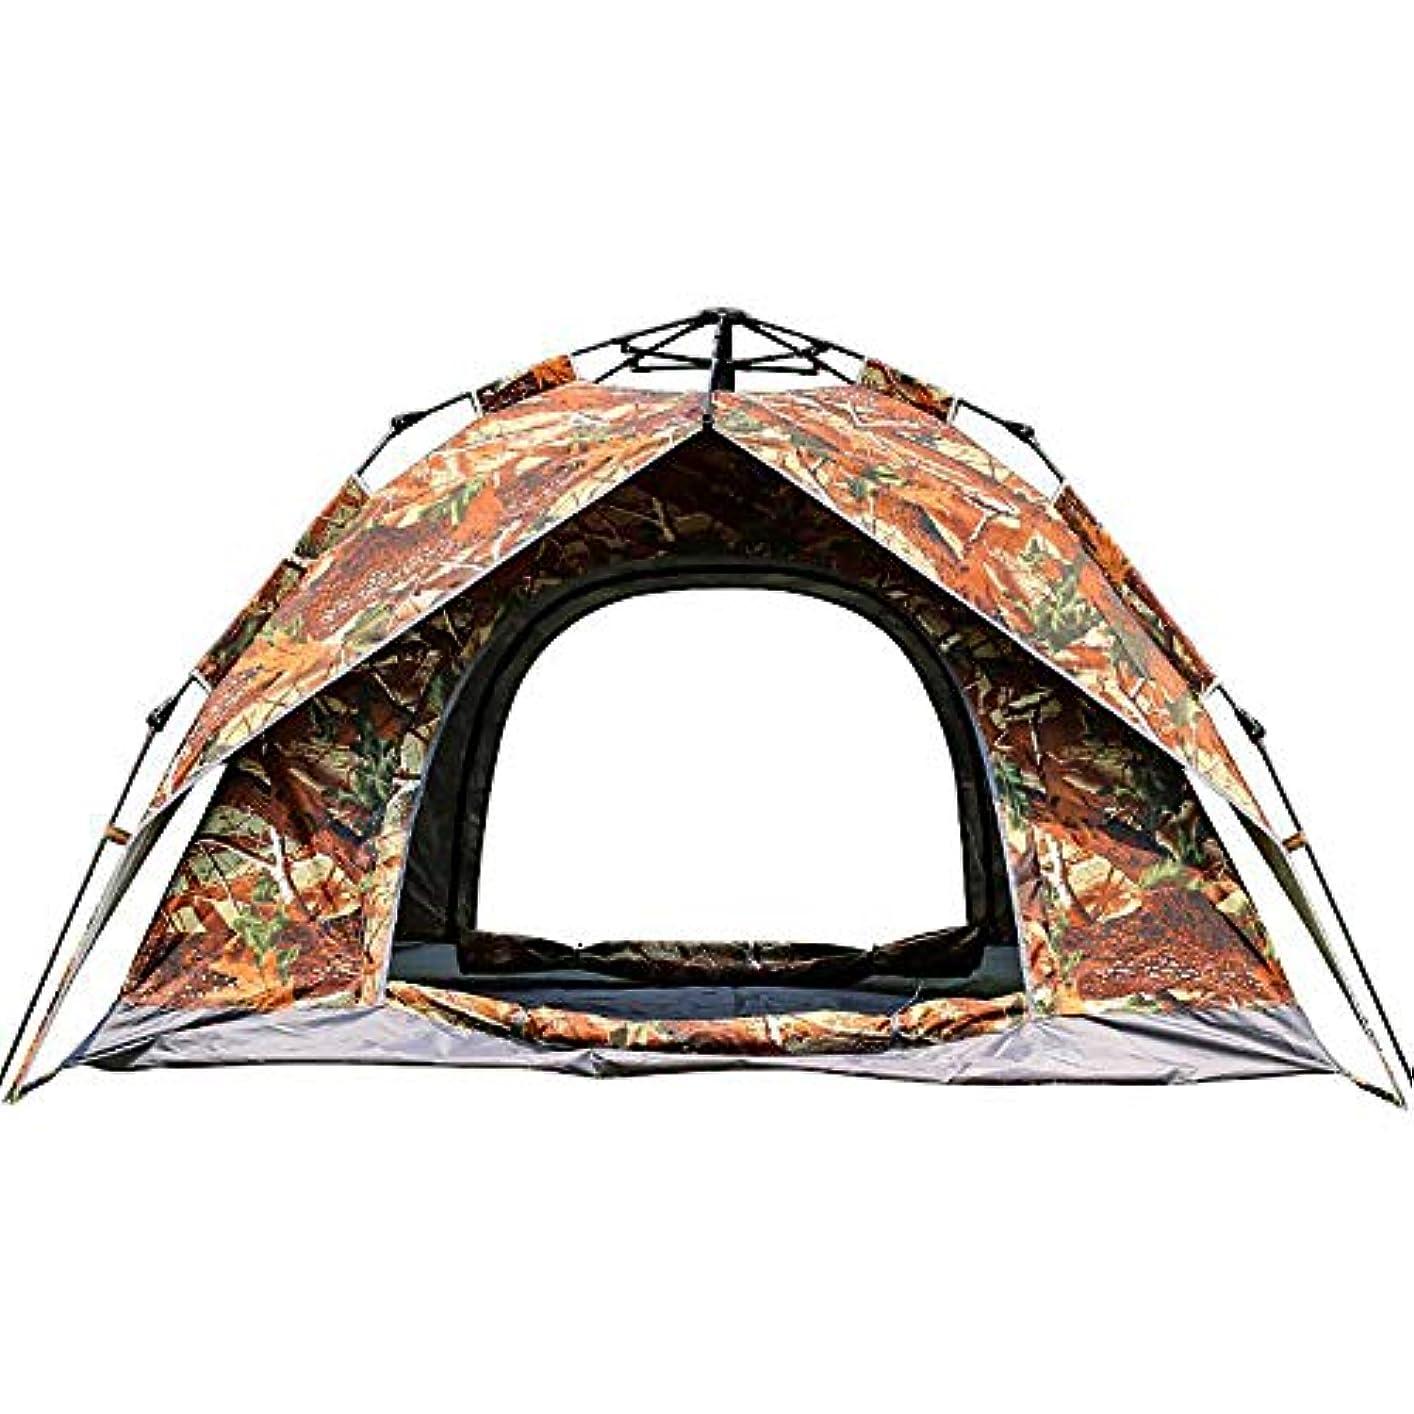 ジェスチャー咳非常に自動ポップアップキャンプテント家族屋外スタイル3-4人の簡単な設定防水紫外線保護サンシェルター